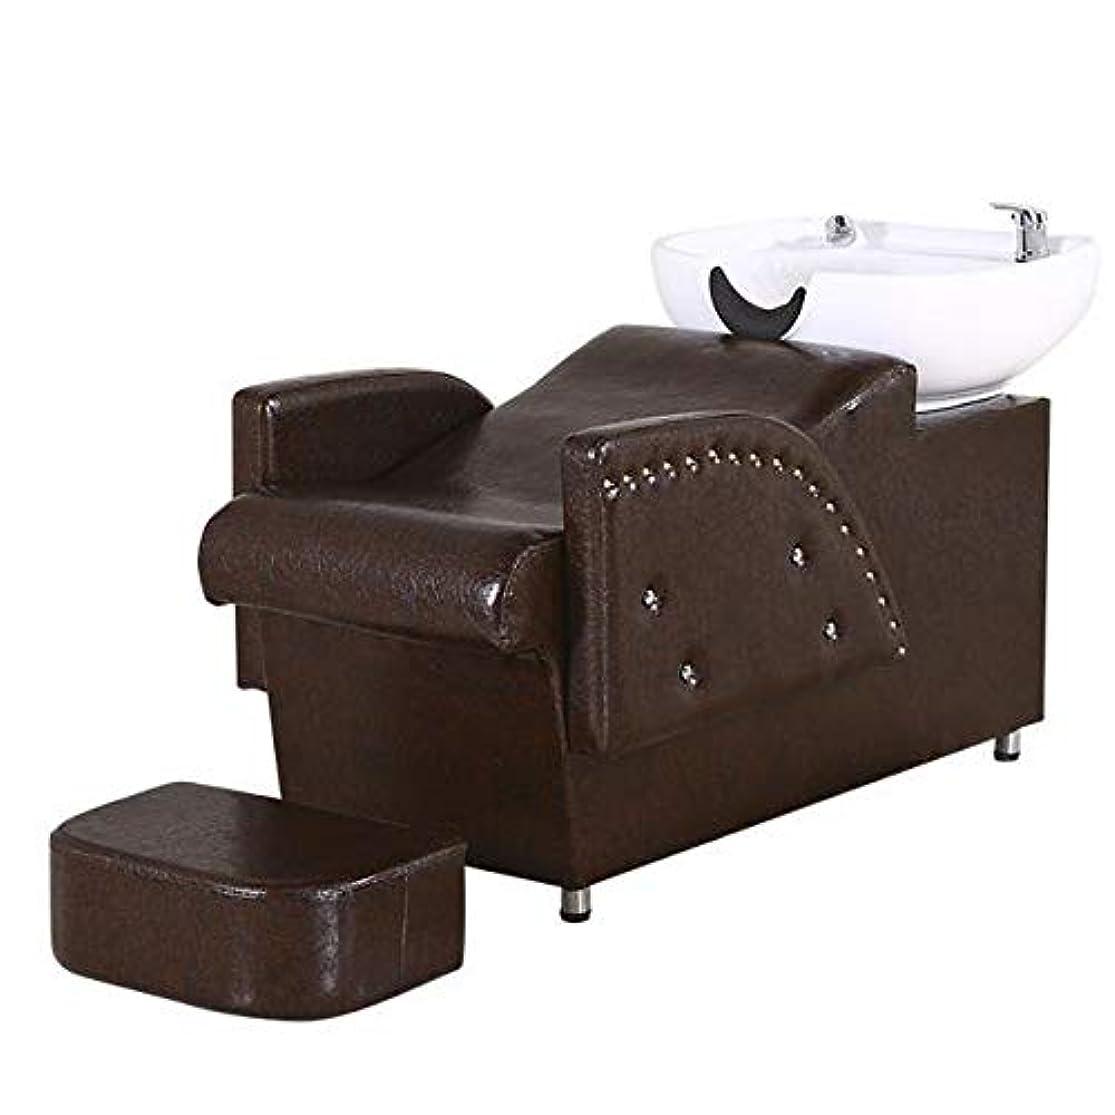 プラス変換する評決シャンプー椅子、逆洗ユニットシャンプーボウル理髪シンク椅子スパ美容院機器半横臥シャンプーベッド